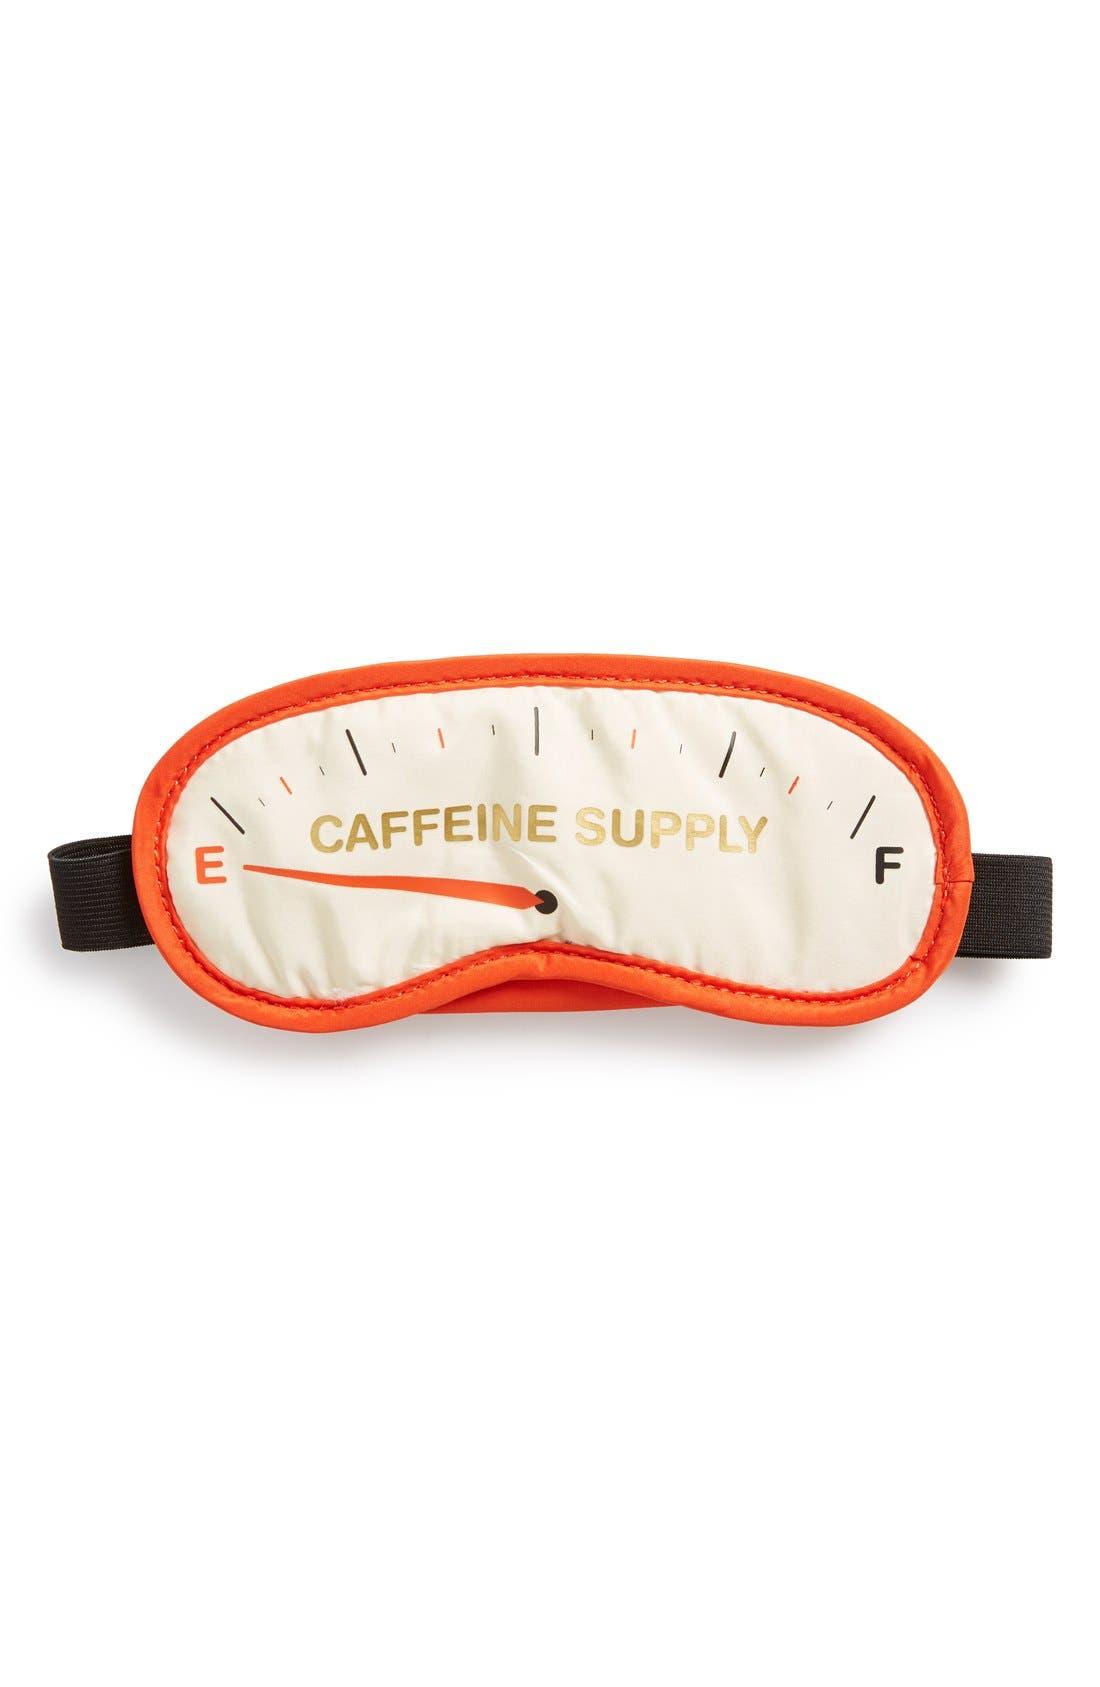 Main Image - Flight 001 'Caffeine Supply' Sleep Mask